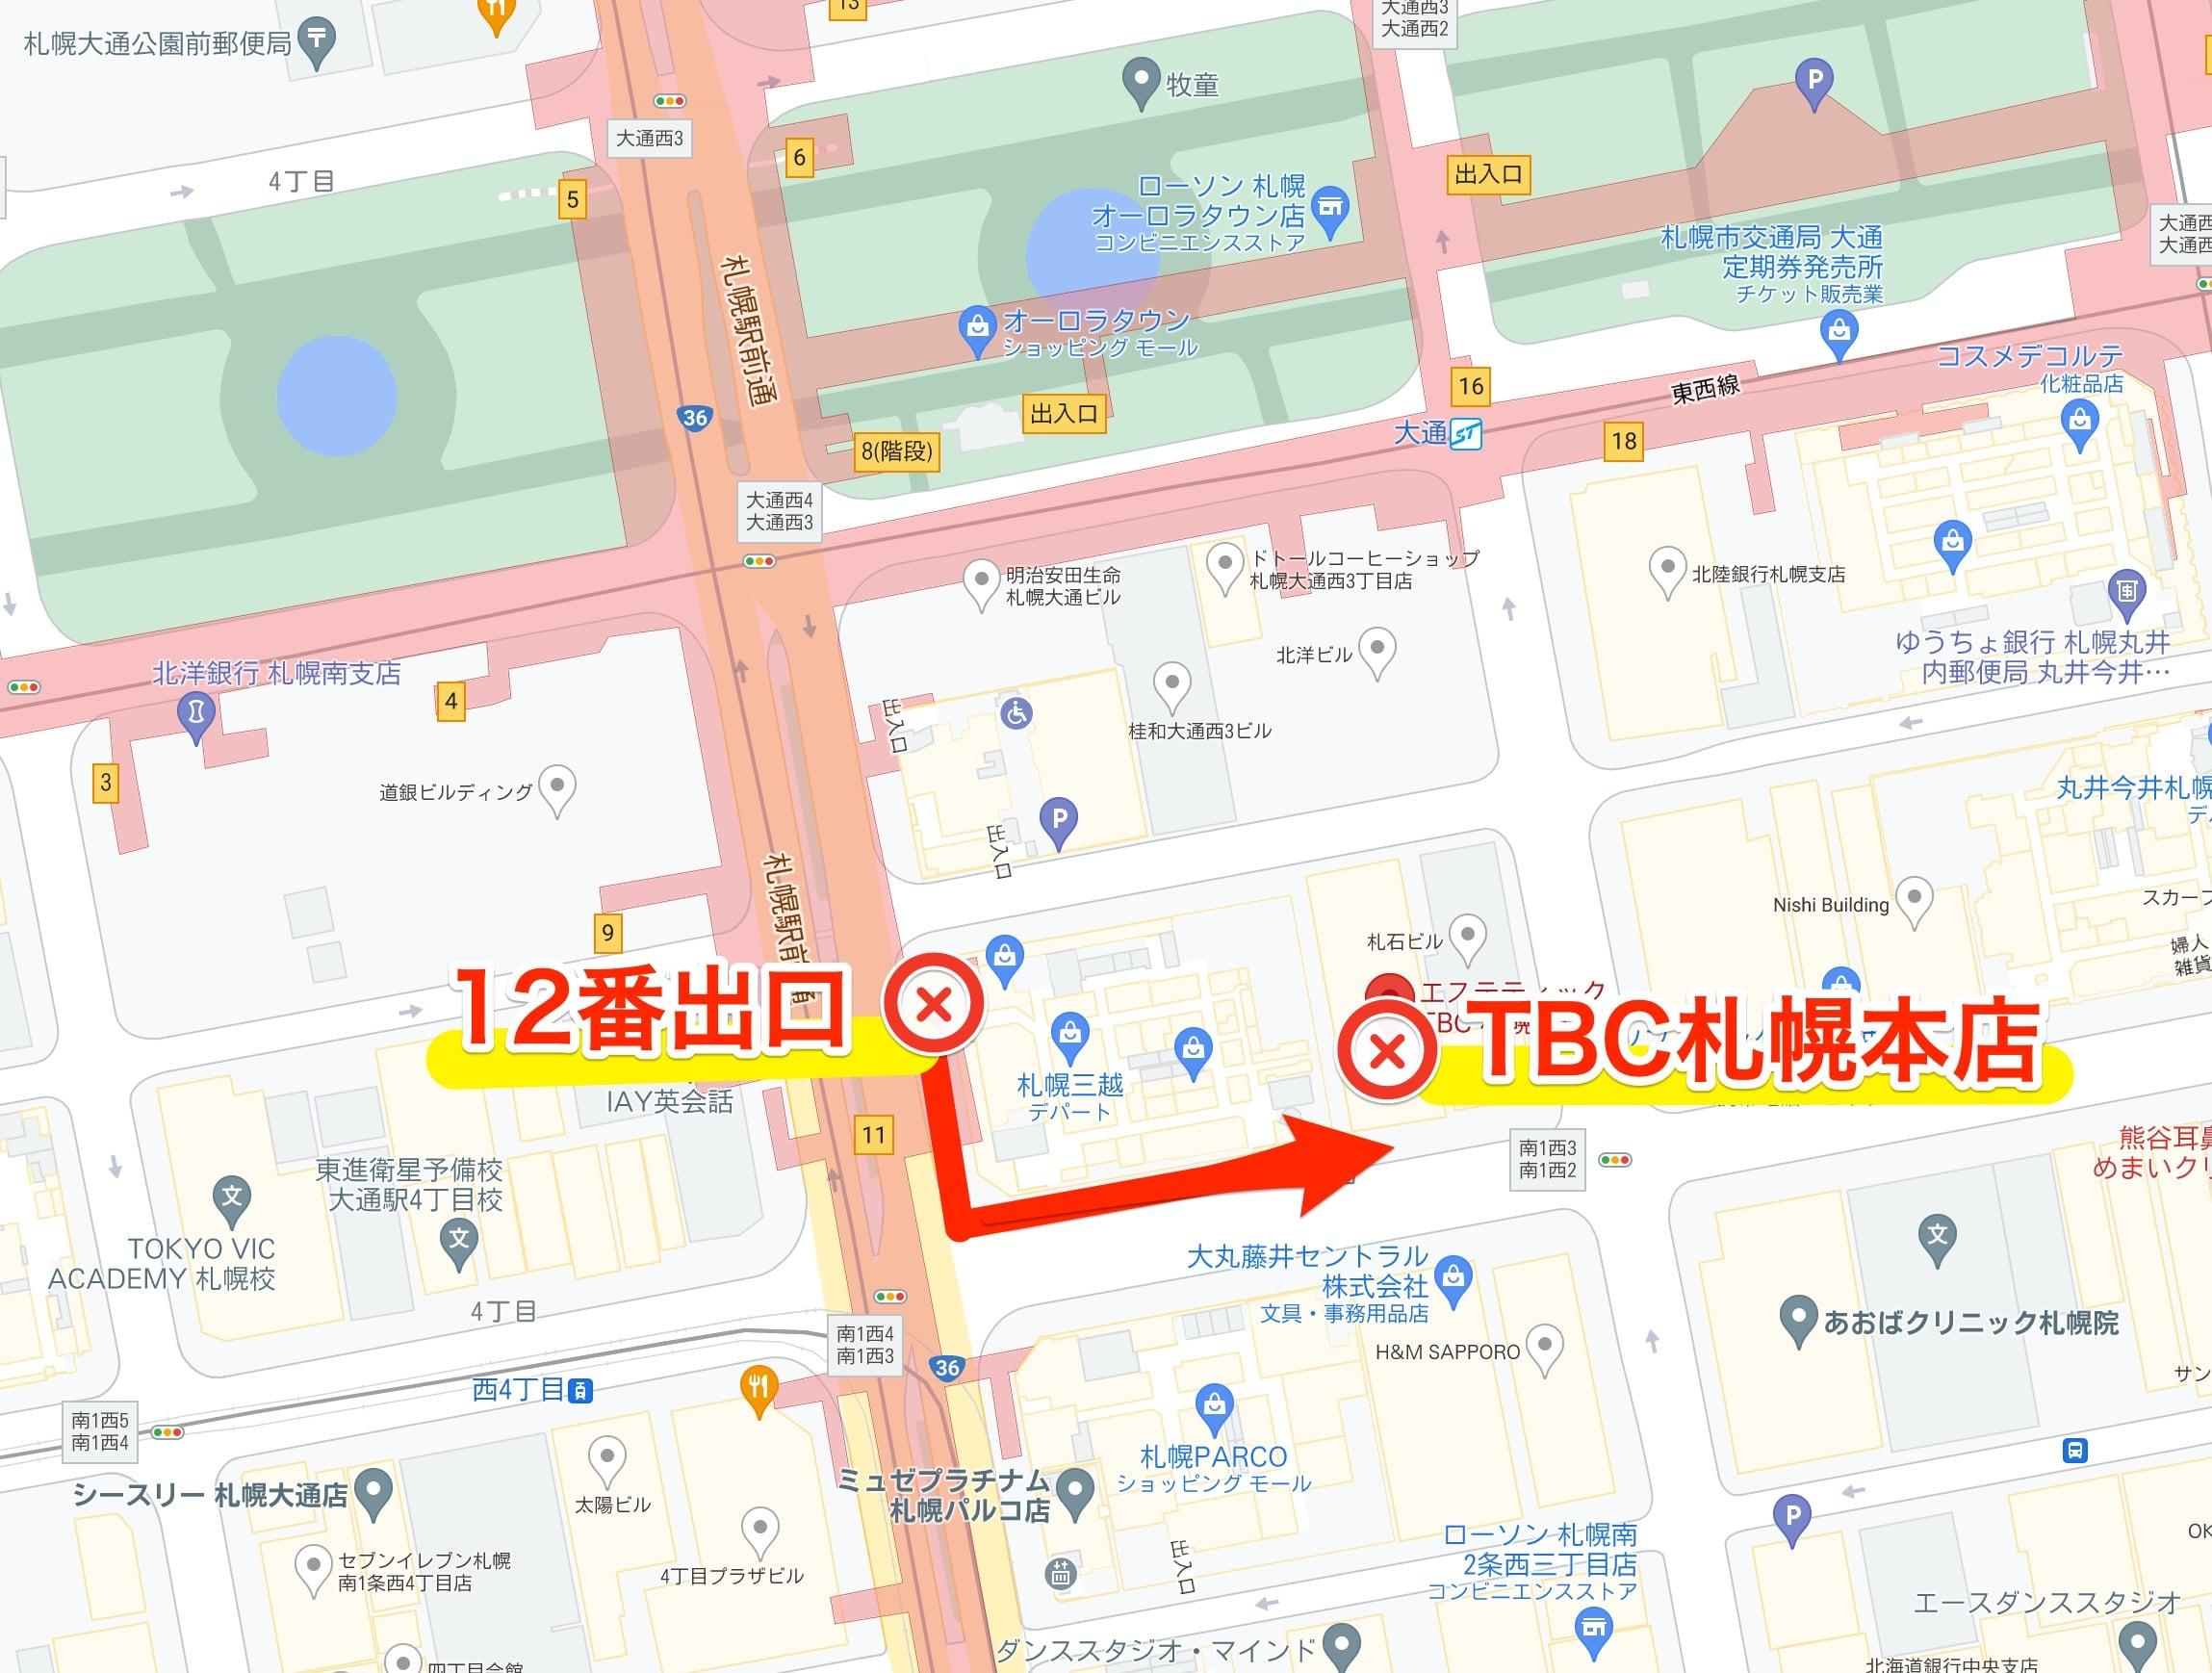 TBC札幌本店アクセスマップ